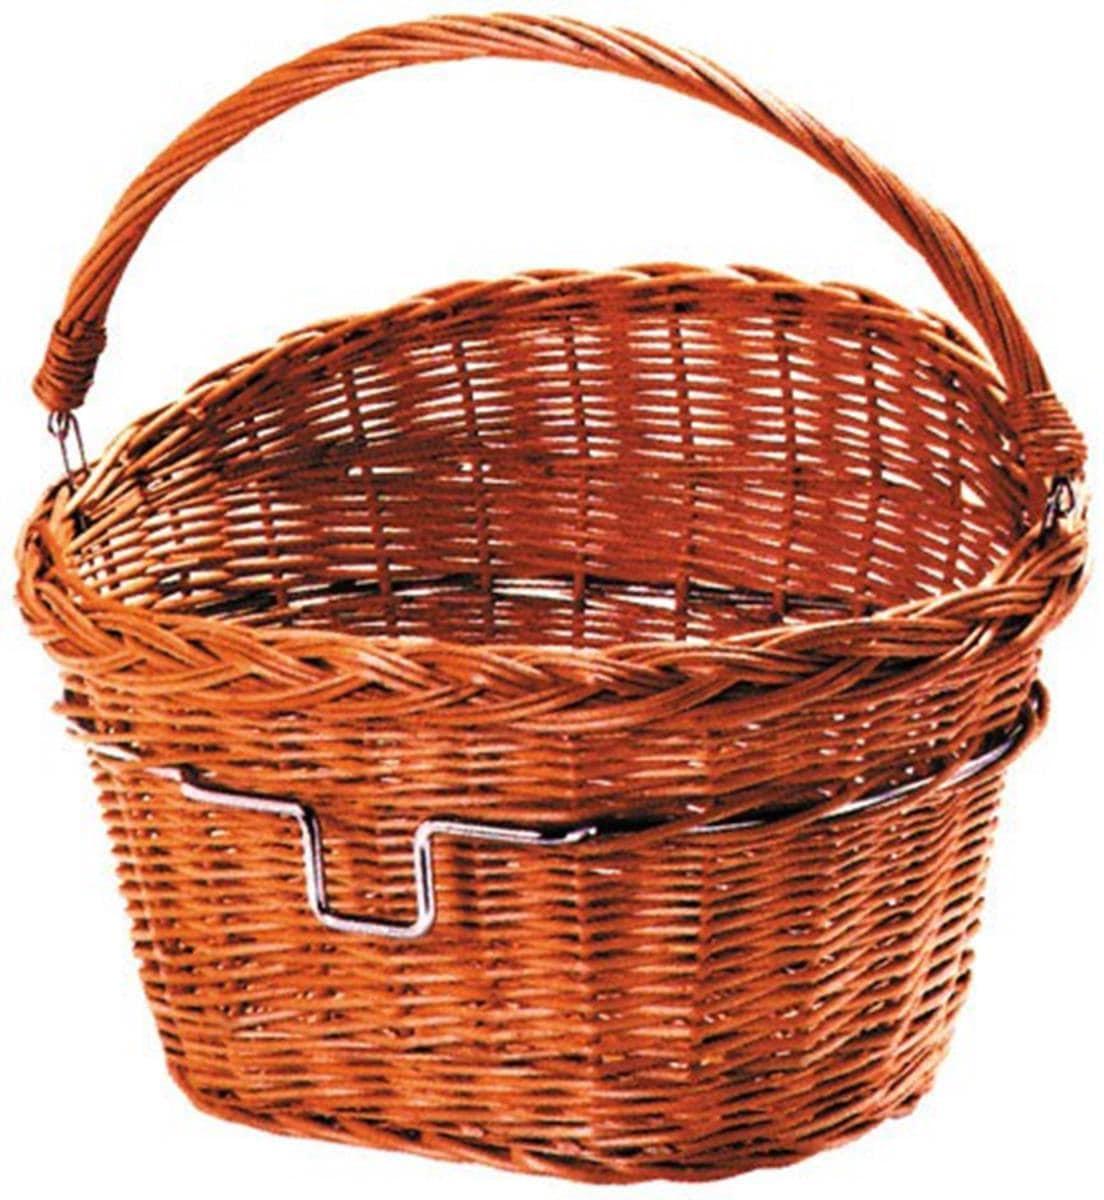 KlickFix Fahrradkorb Vorderradkorb Weidenkorb braun Fahrradkörbe Fahrradzubehör Fahrräder Zubehör Taschen